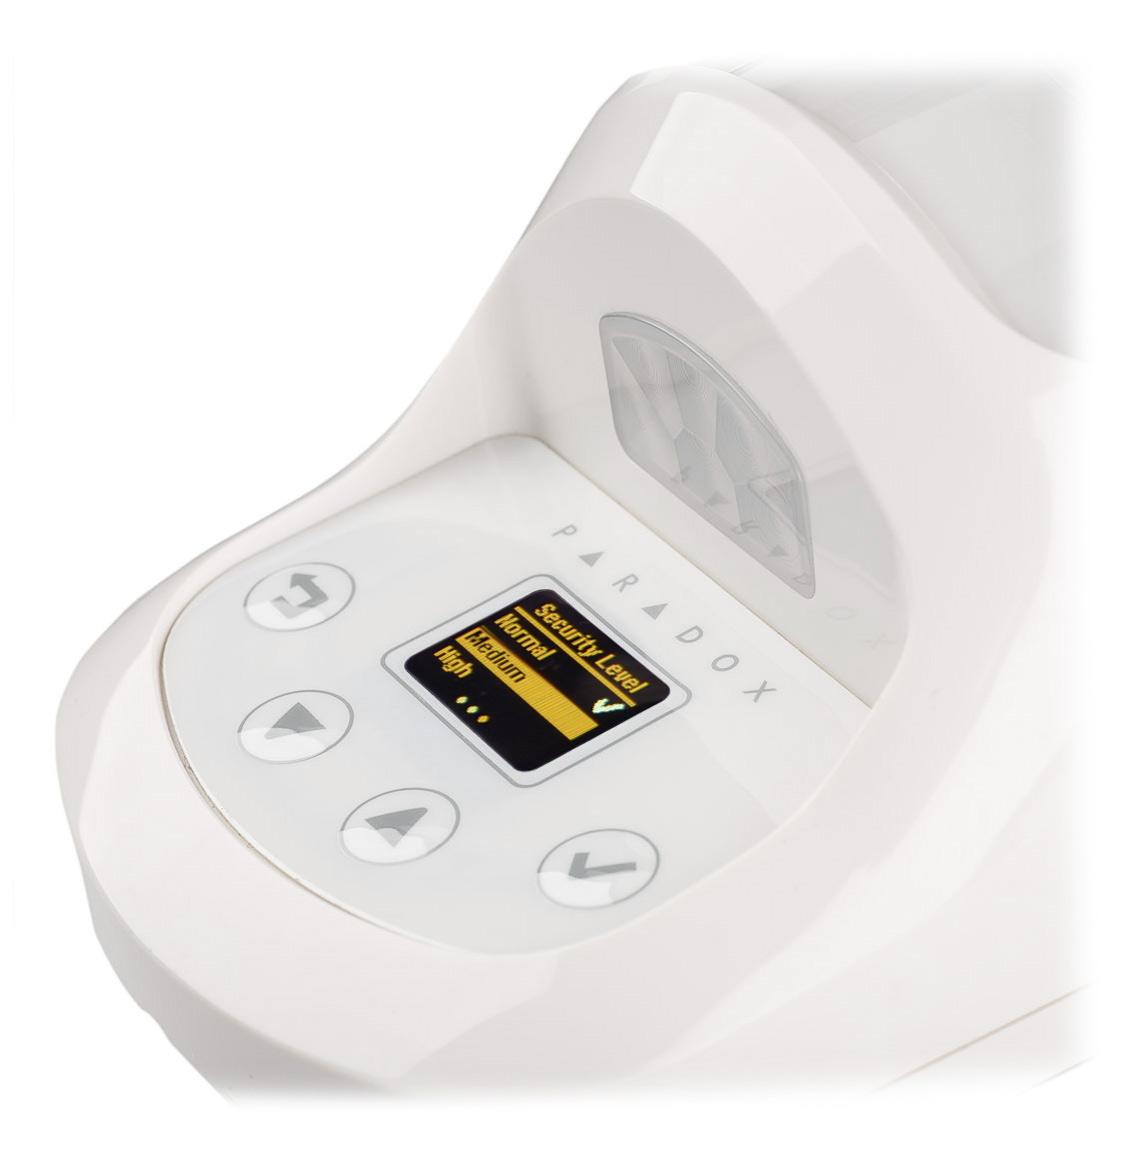 Wyświetlacz znacznie ułatwiający zmianę ustawień czujki NVX80-EQ04